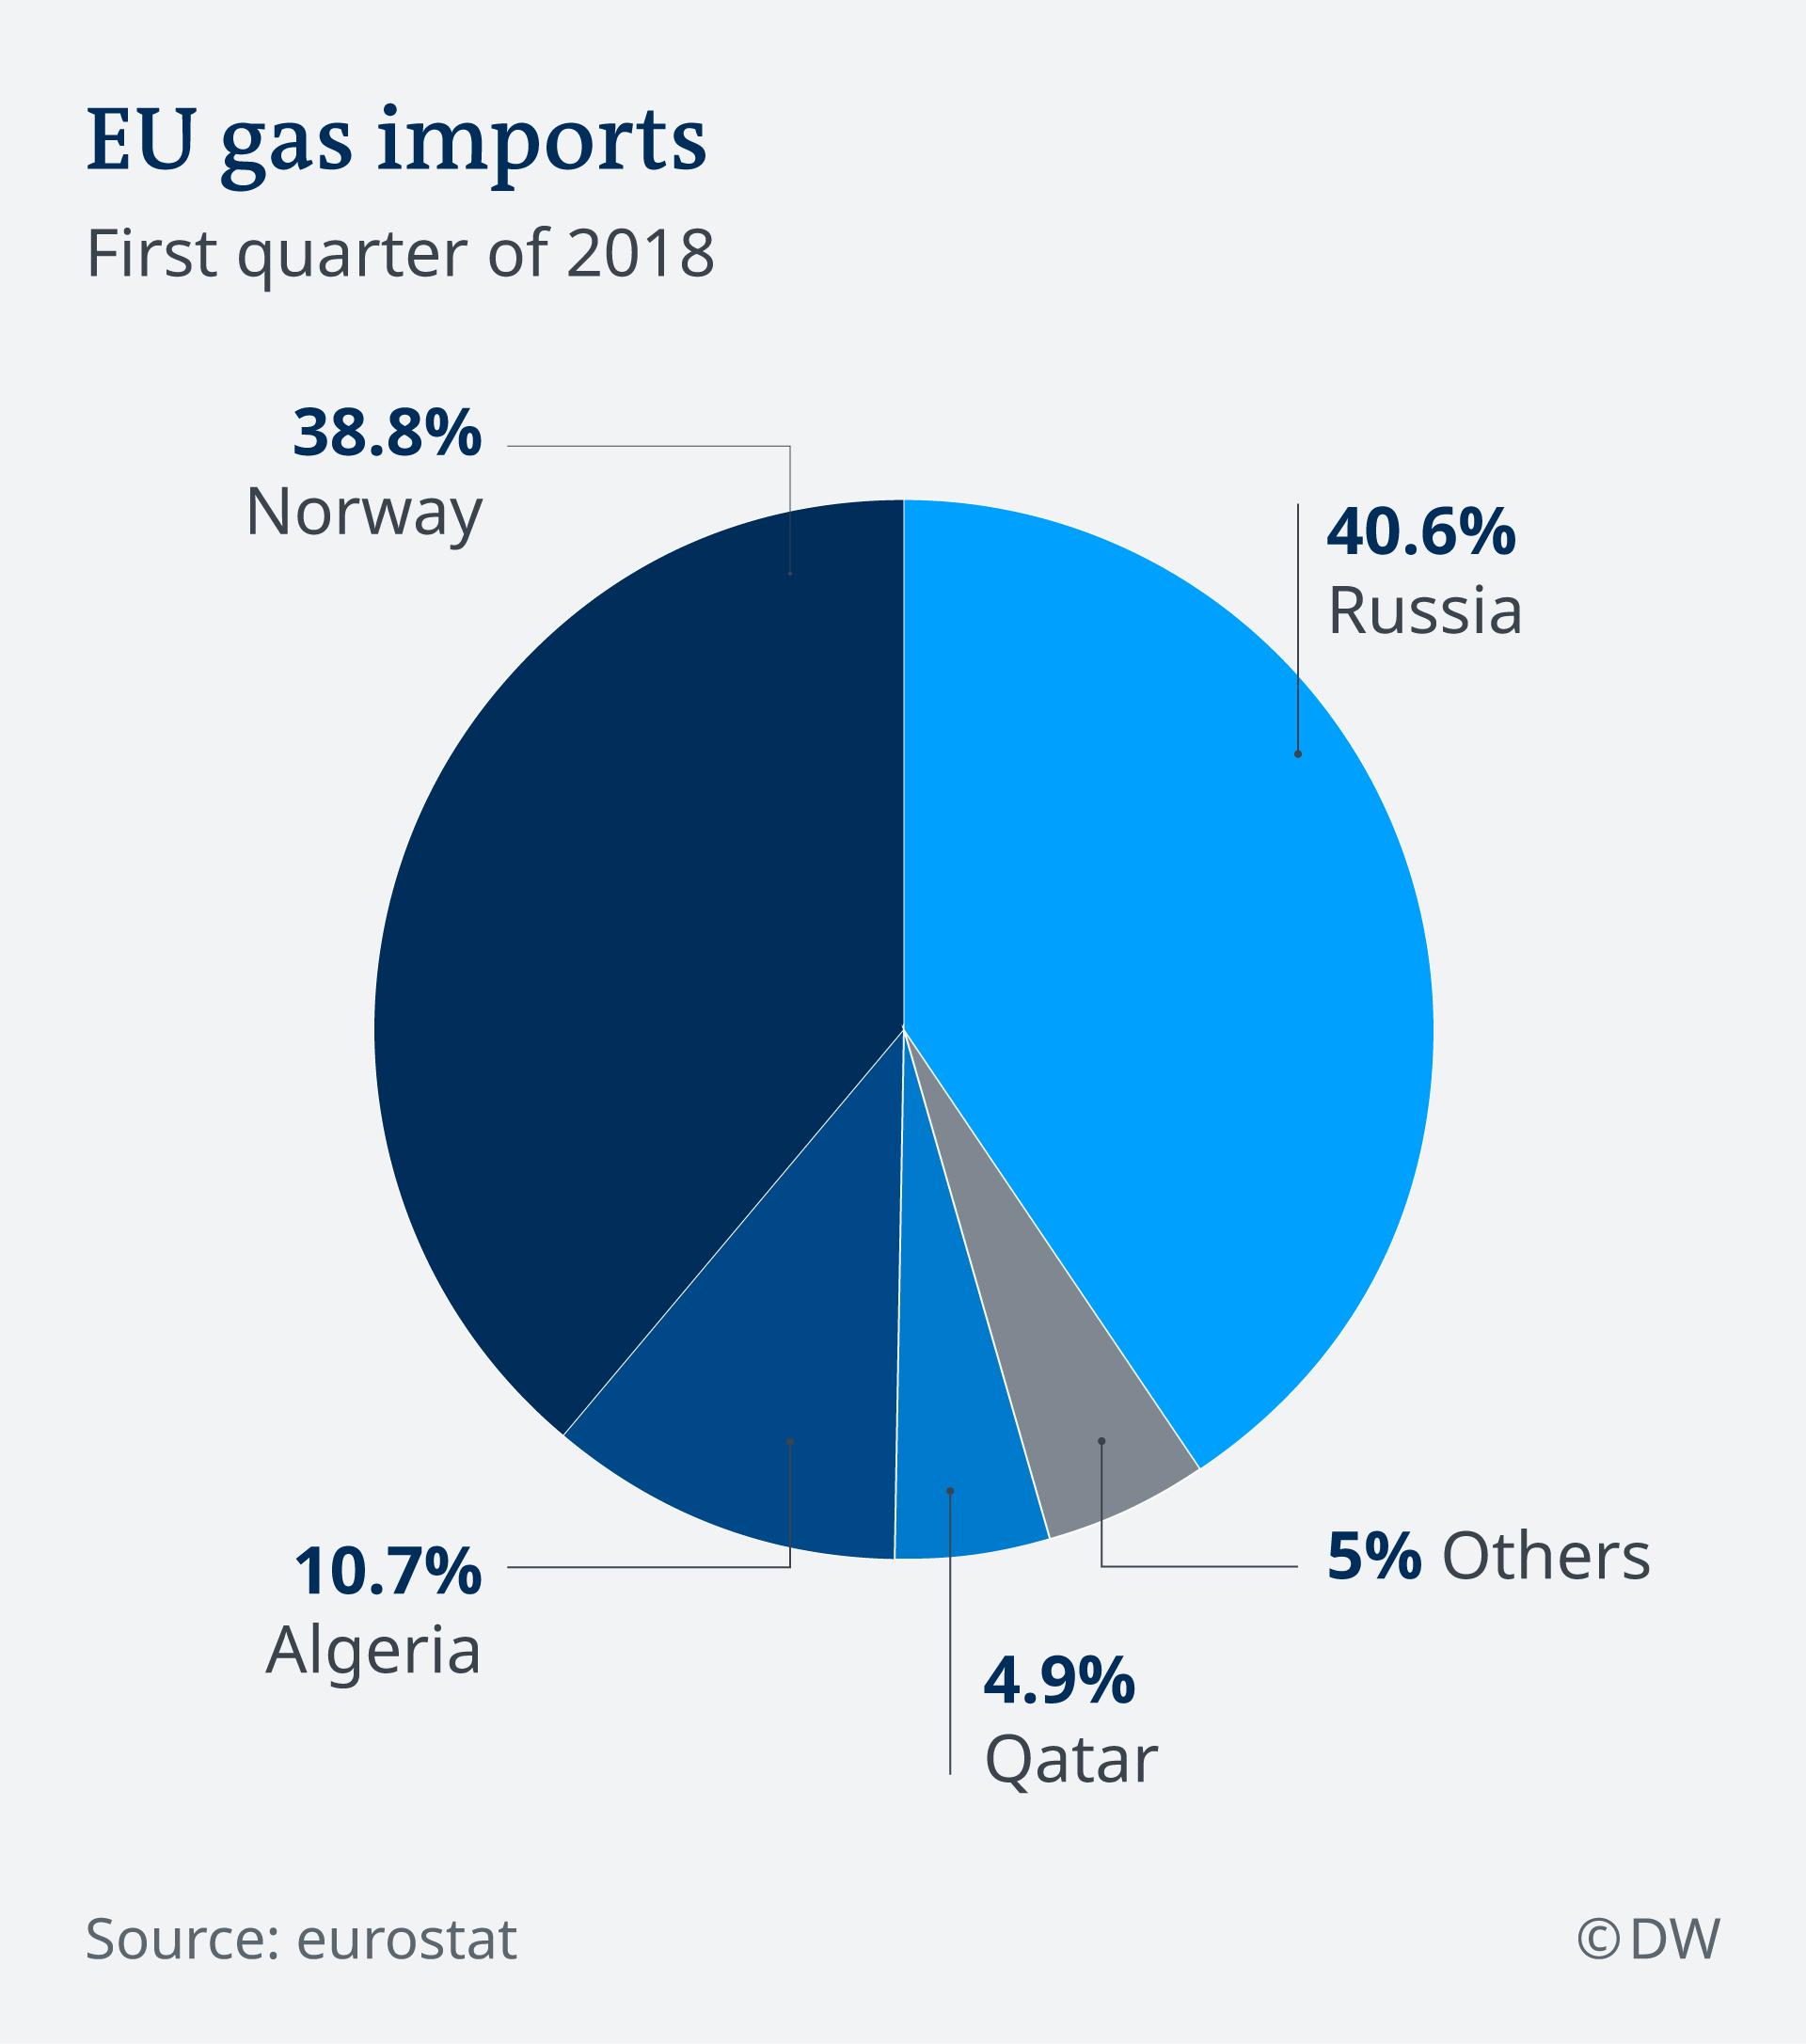 Kendati sering bersitegang soal politik, Rusia termasuk pemasok energi terbesar bagi Uni Eropa. (Sumber: Eurostat)